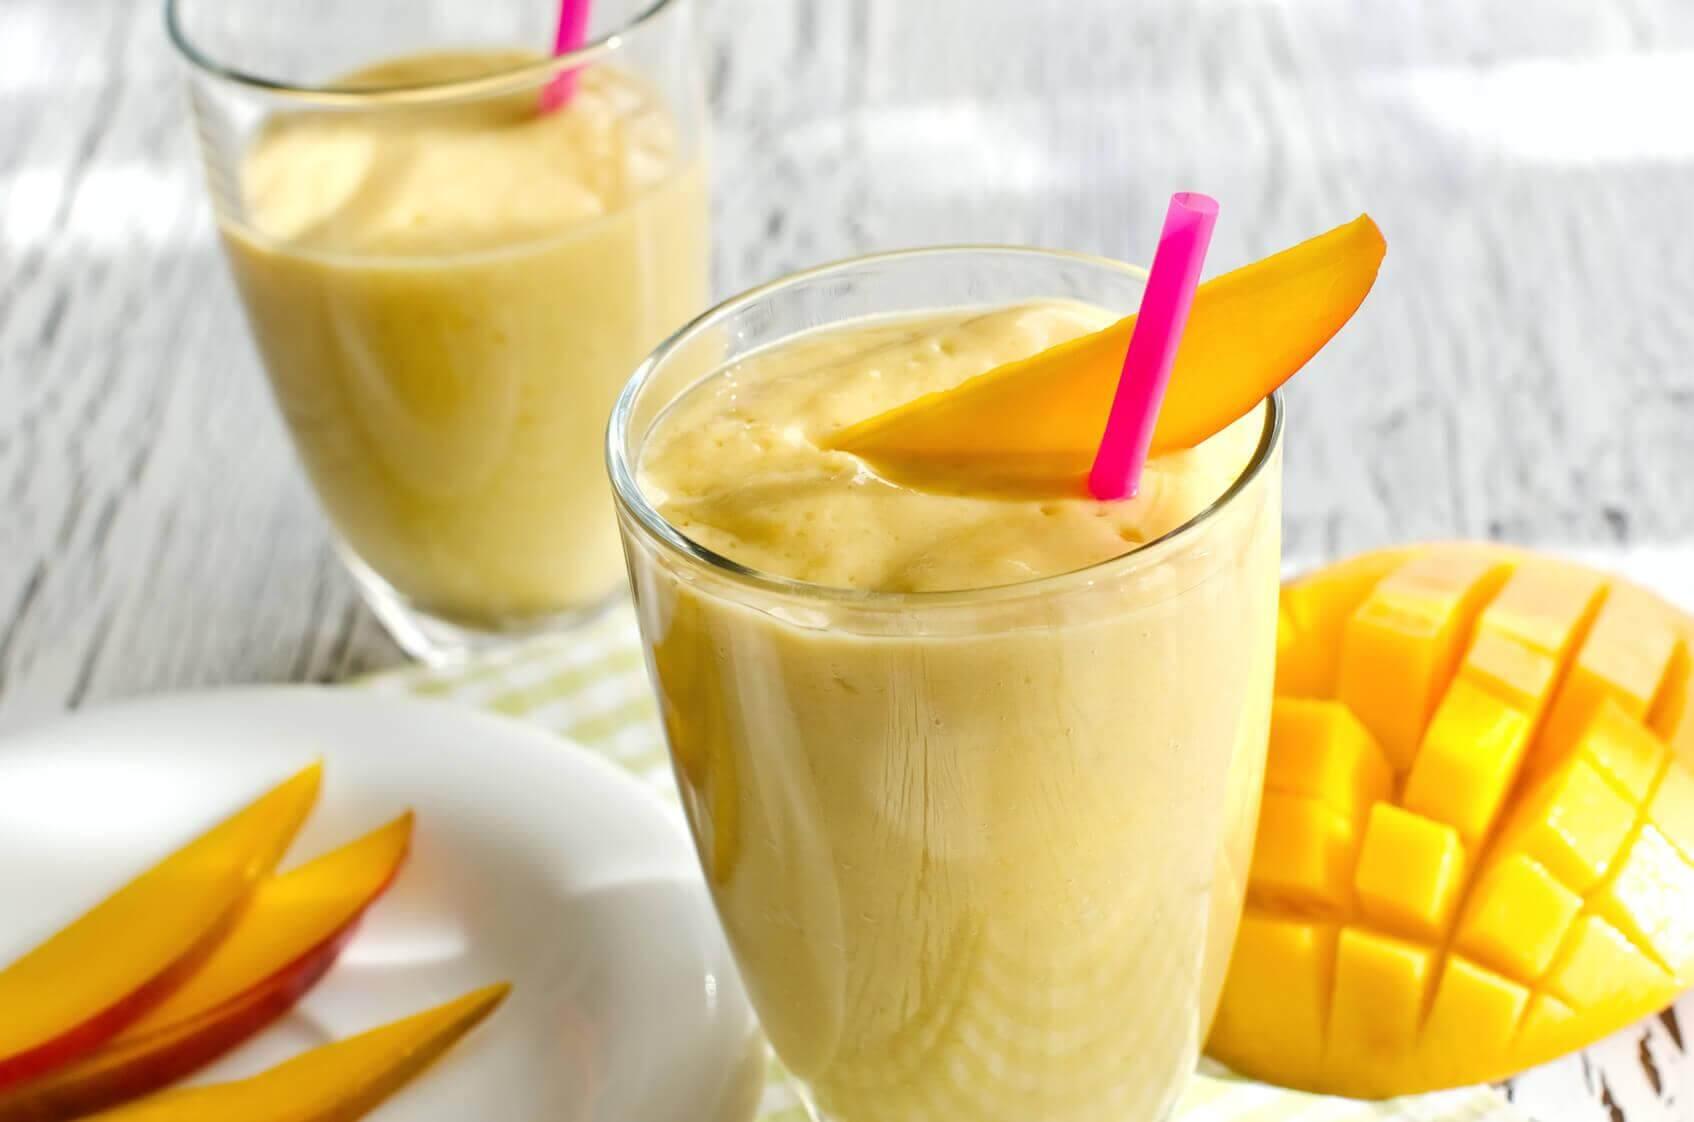 Mango-Karotten-Smoothie